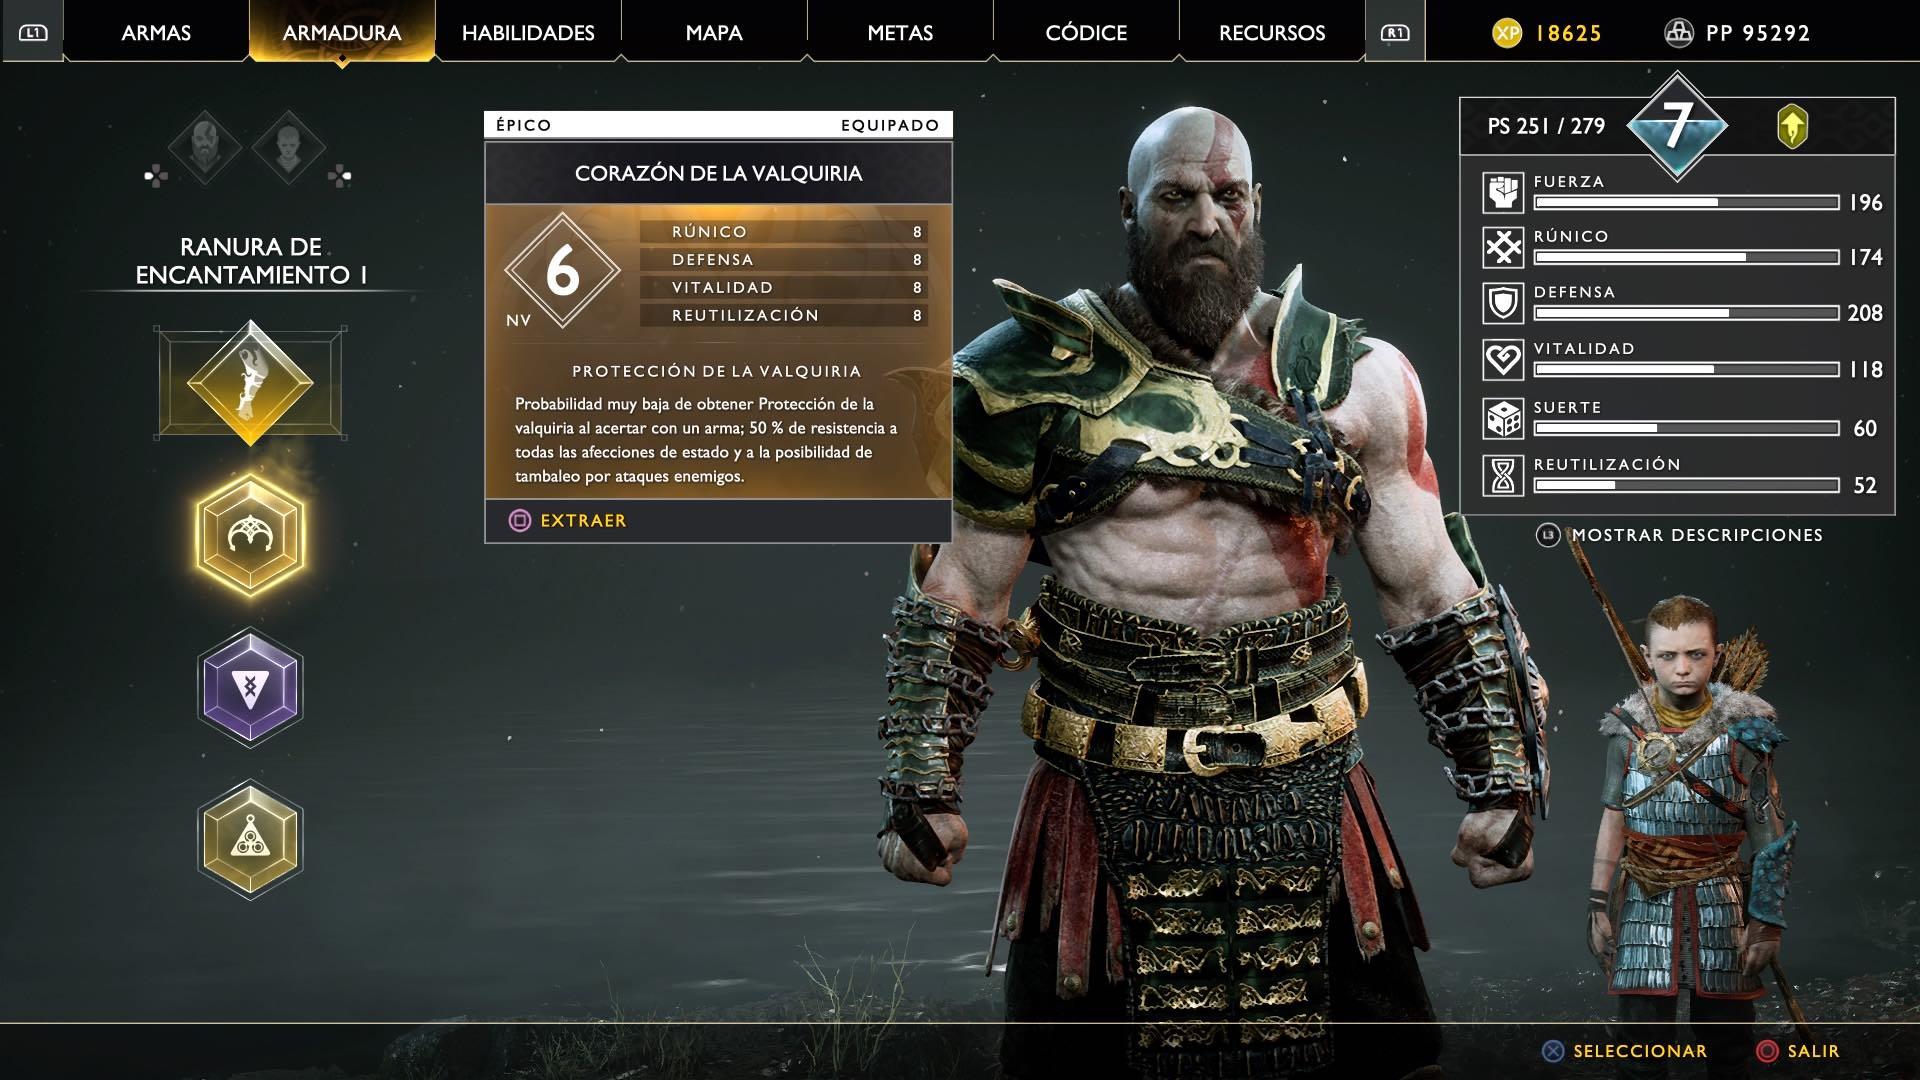 God of War Corazon de la valquiria